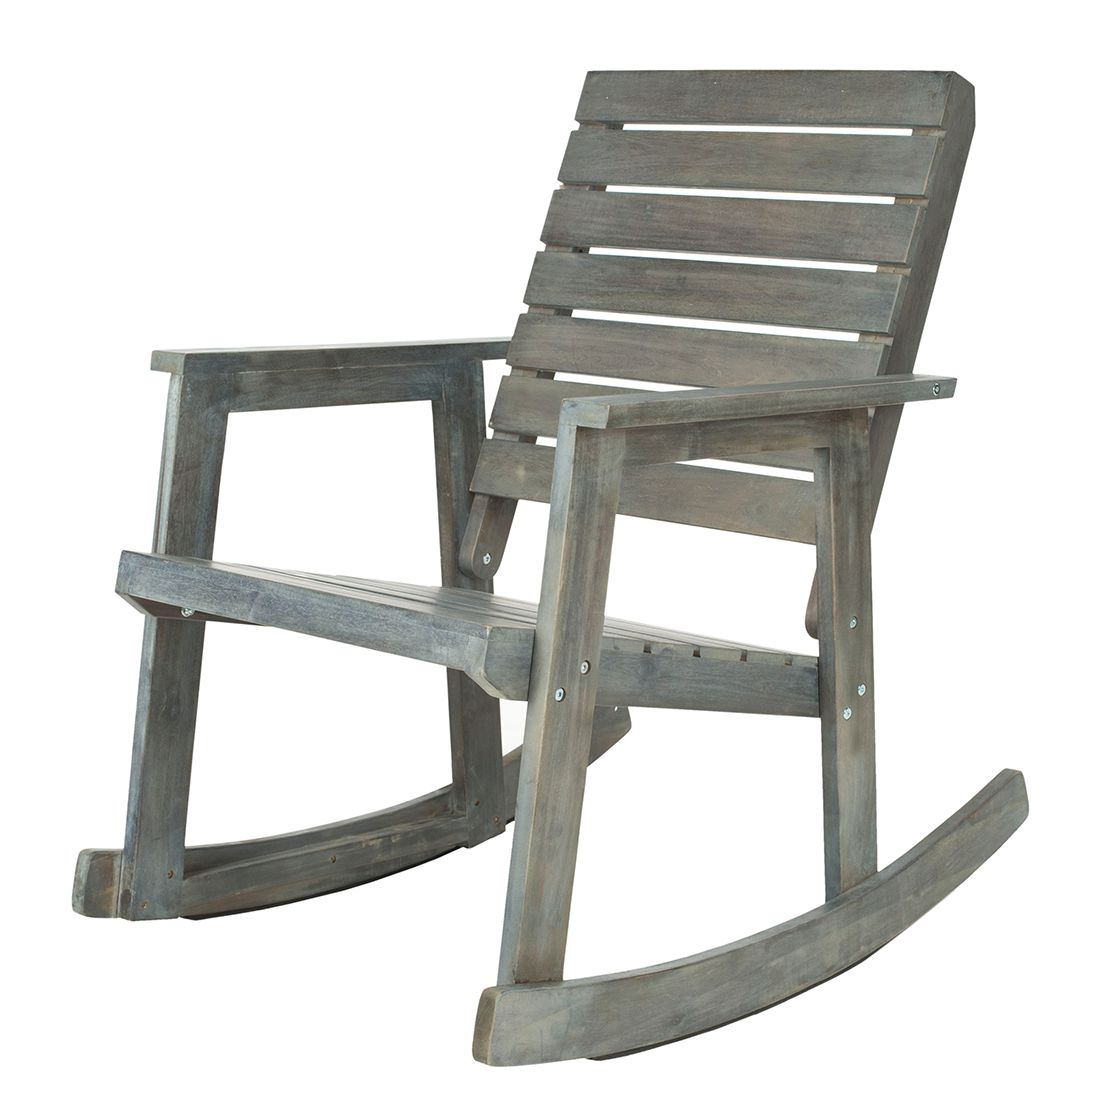 Vidaxl sedia a dondolo in legno bianco prezzi sconti sediadaufficio - Sedia a dondolo prezzi ...